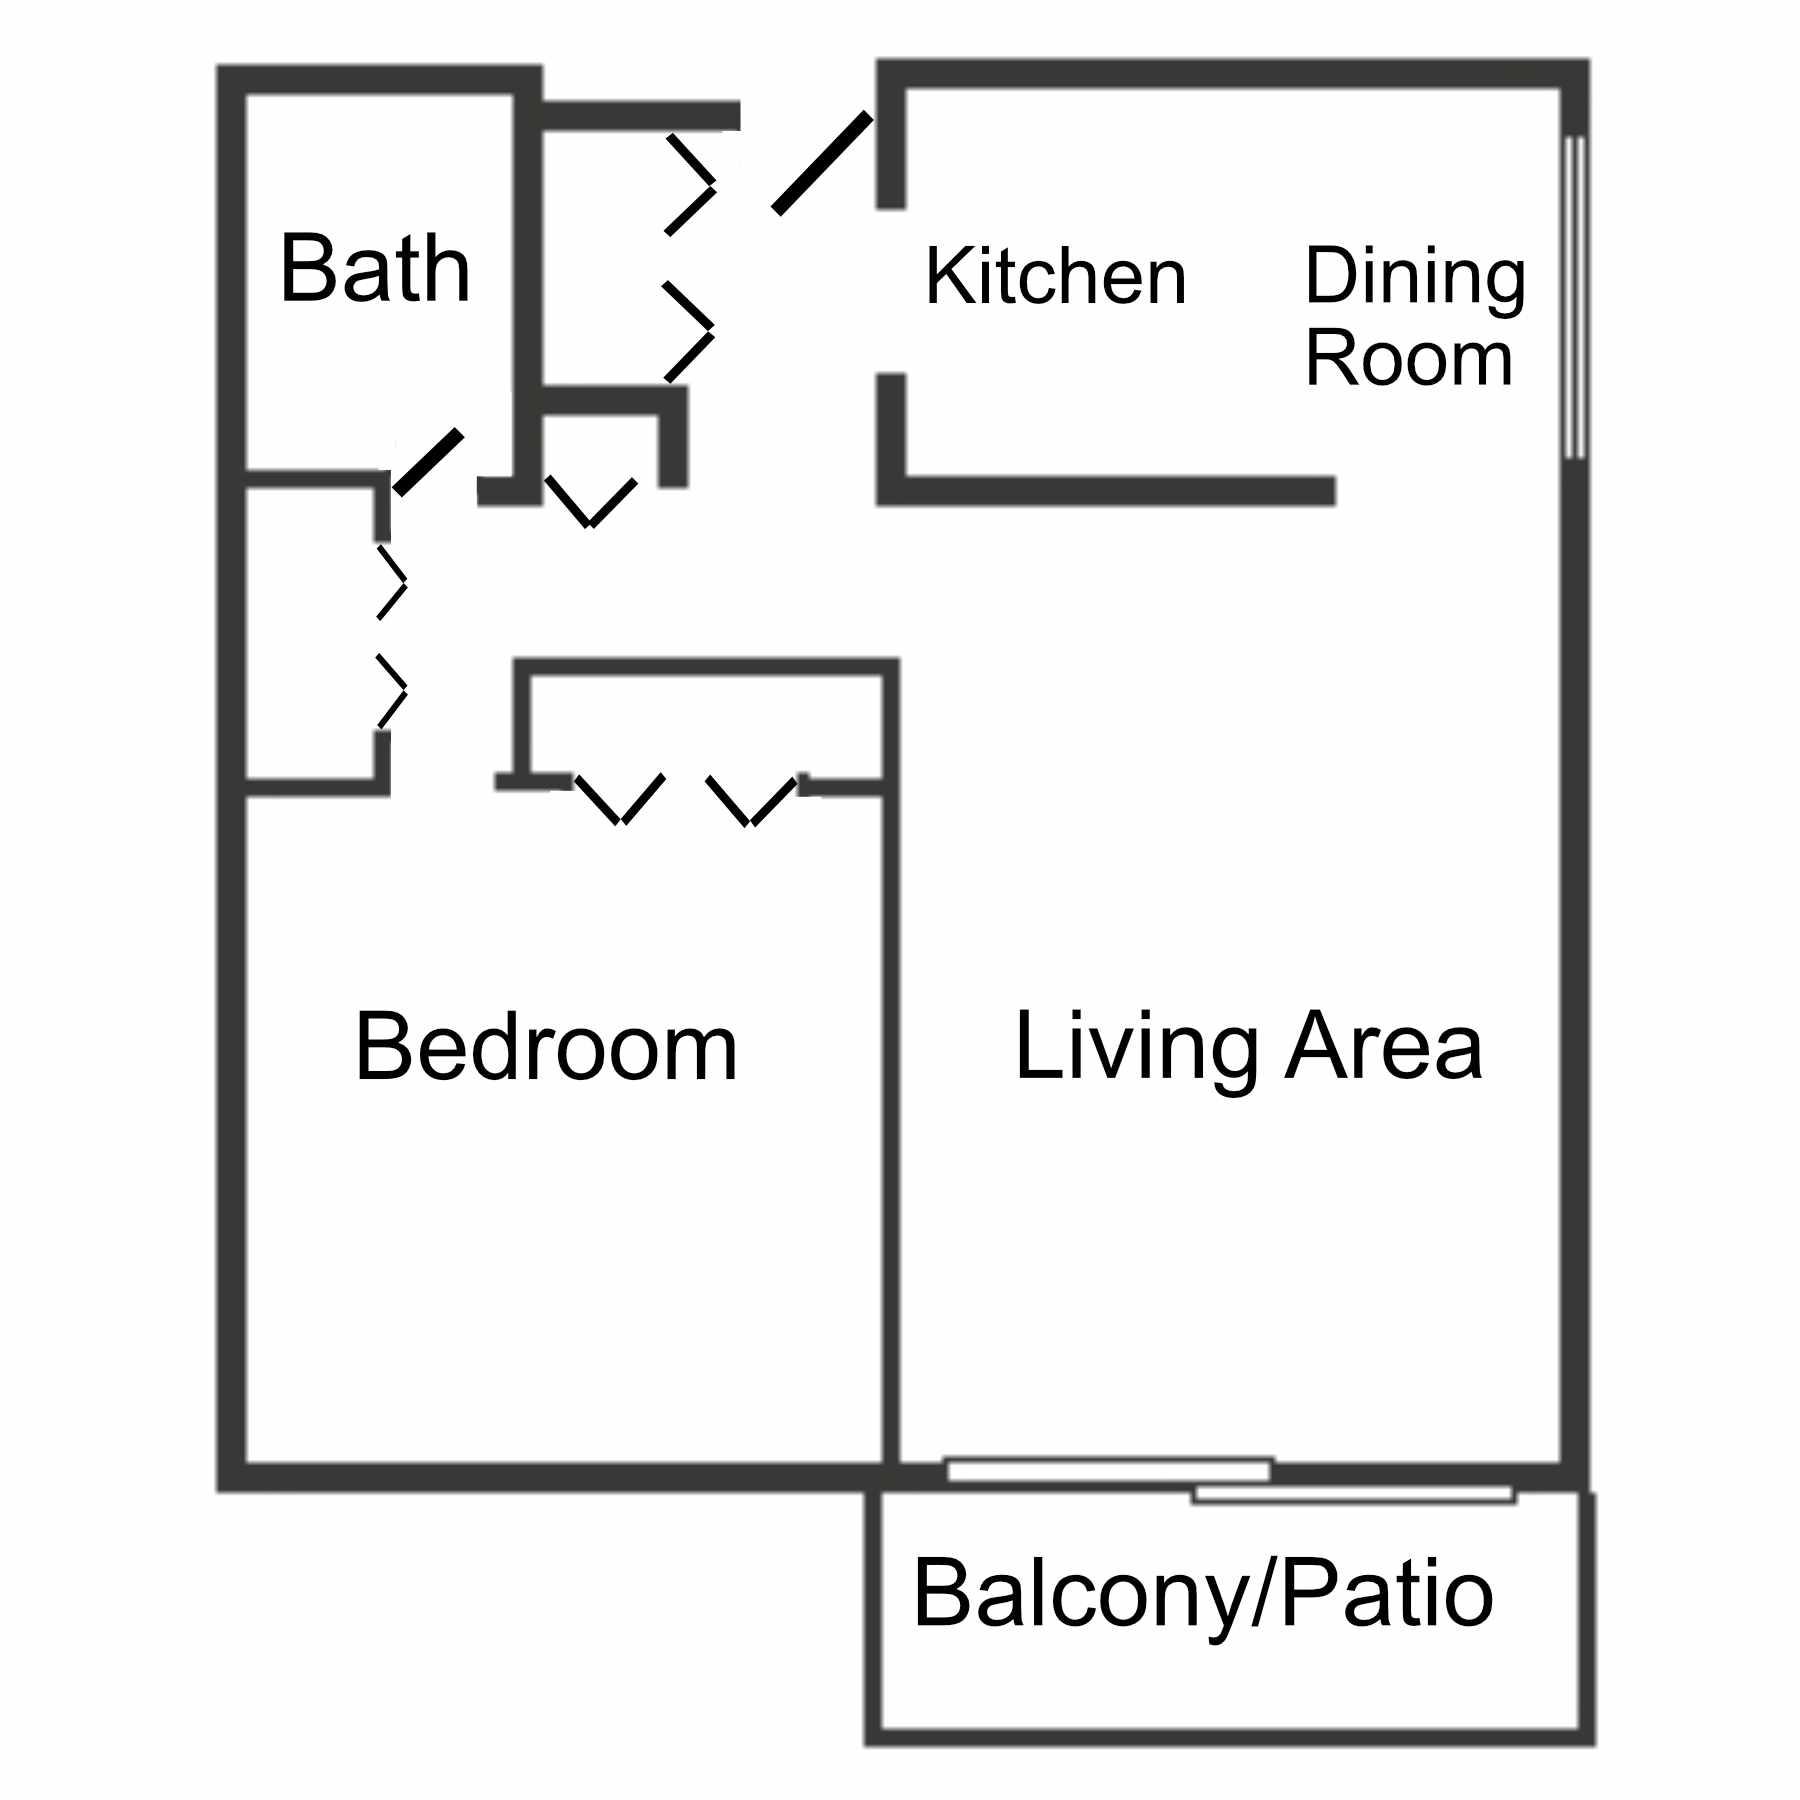 Floor plan of 1 bedroom, 1 bathroom apartment